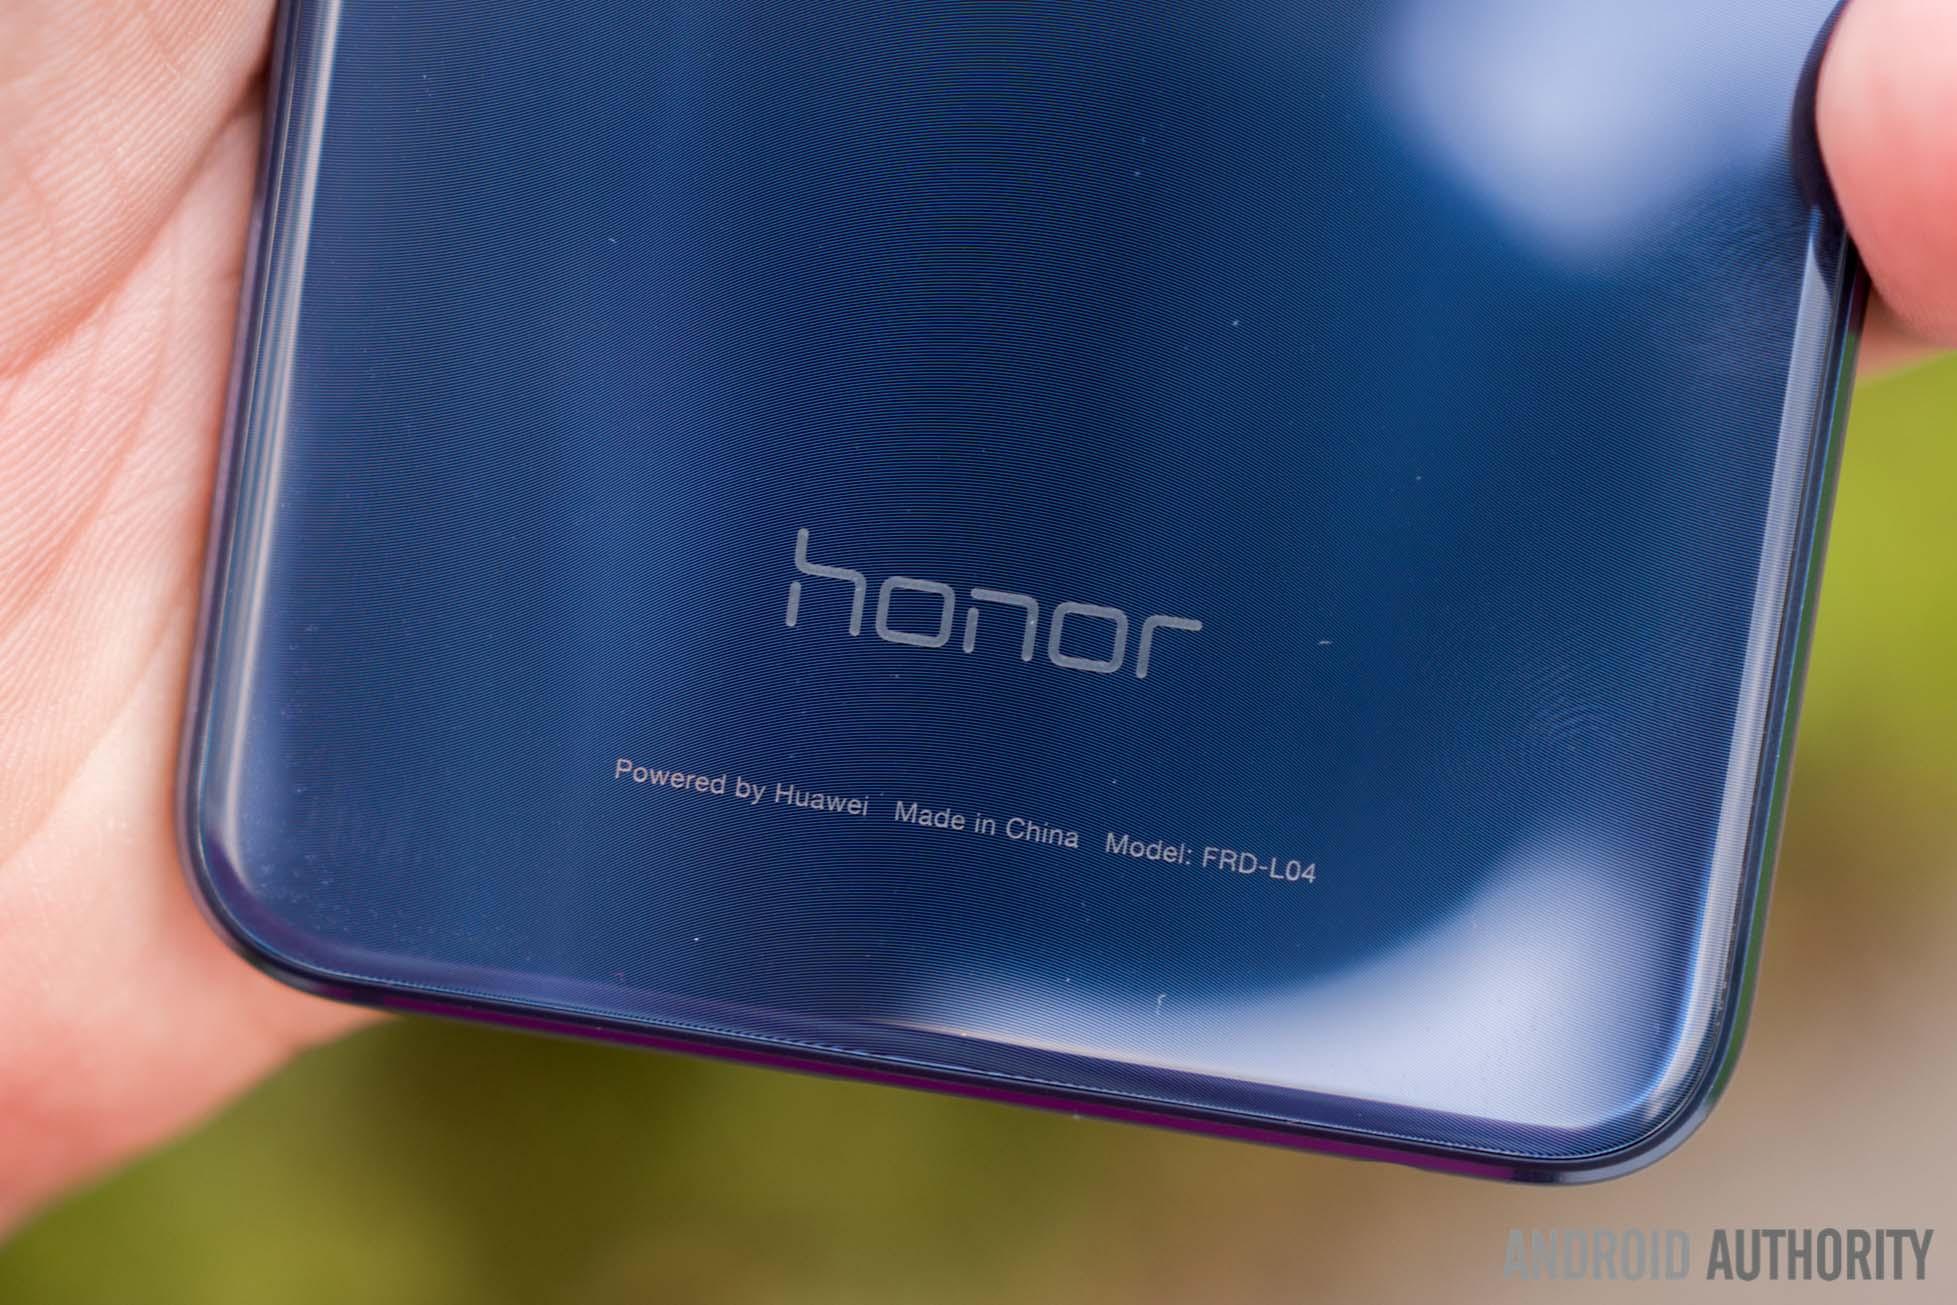 Huawei honor 8-10